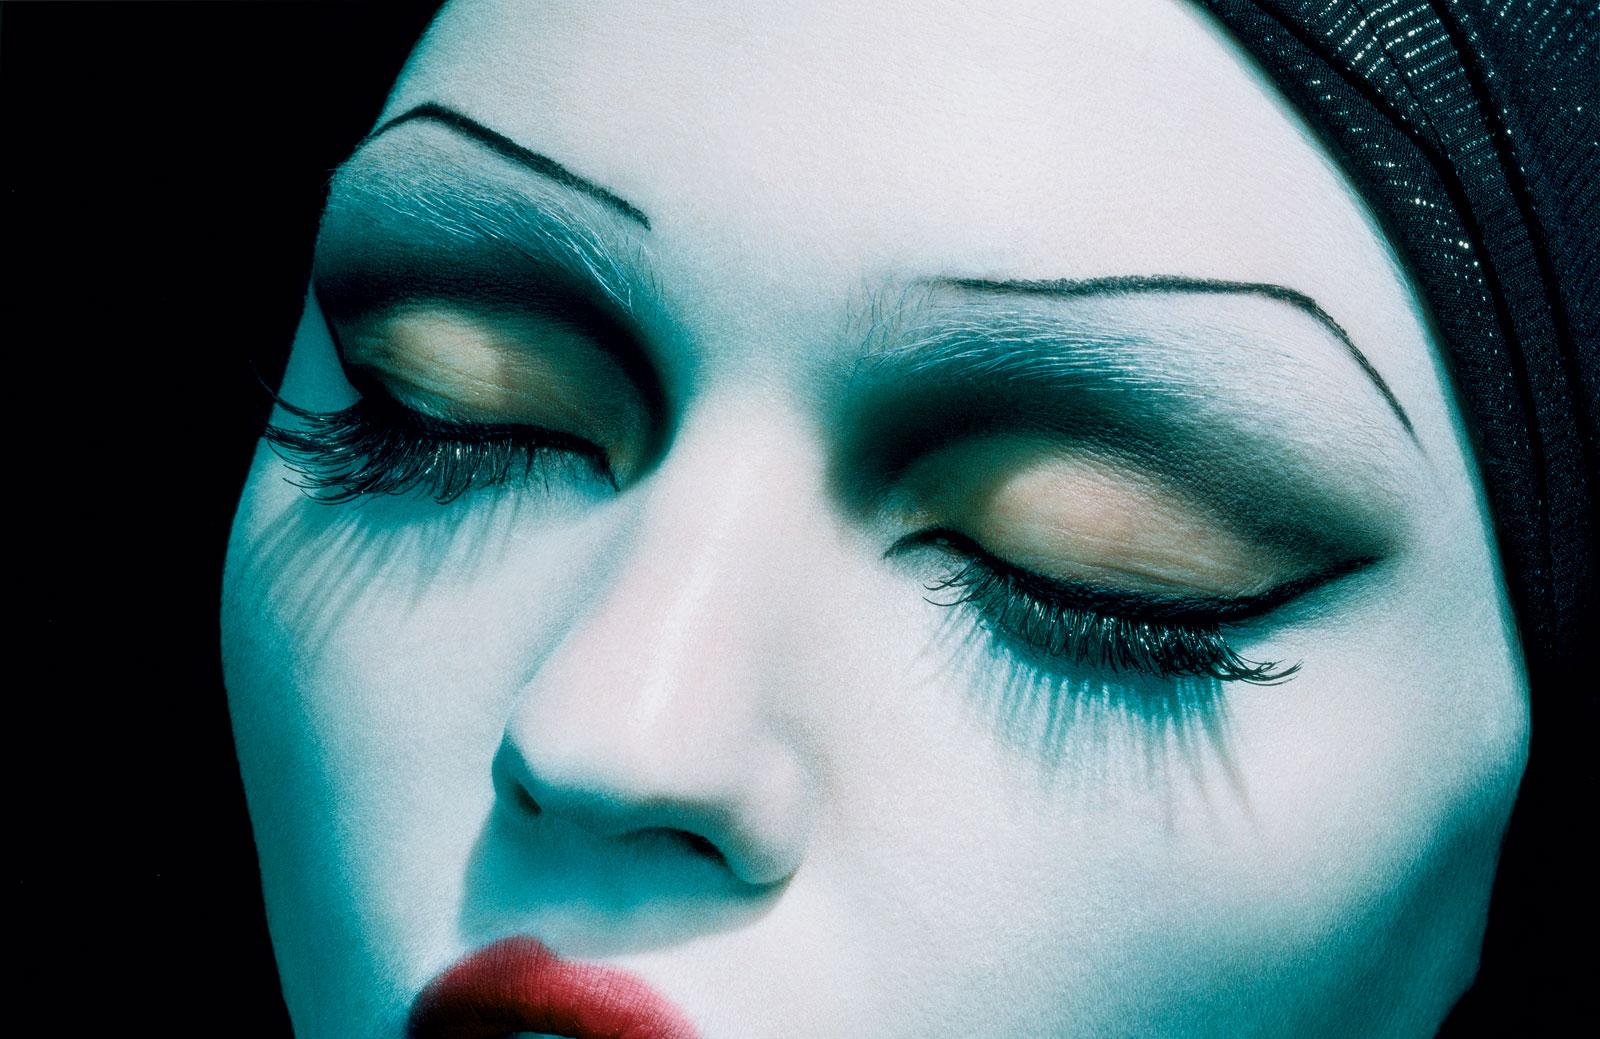 foto van gezicht vrouw met ogen dicht erg close, L'Ange Noir van Miles Aldridge